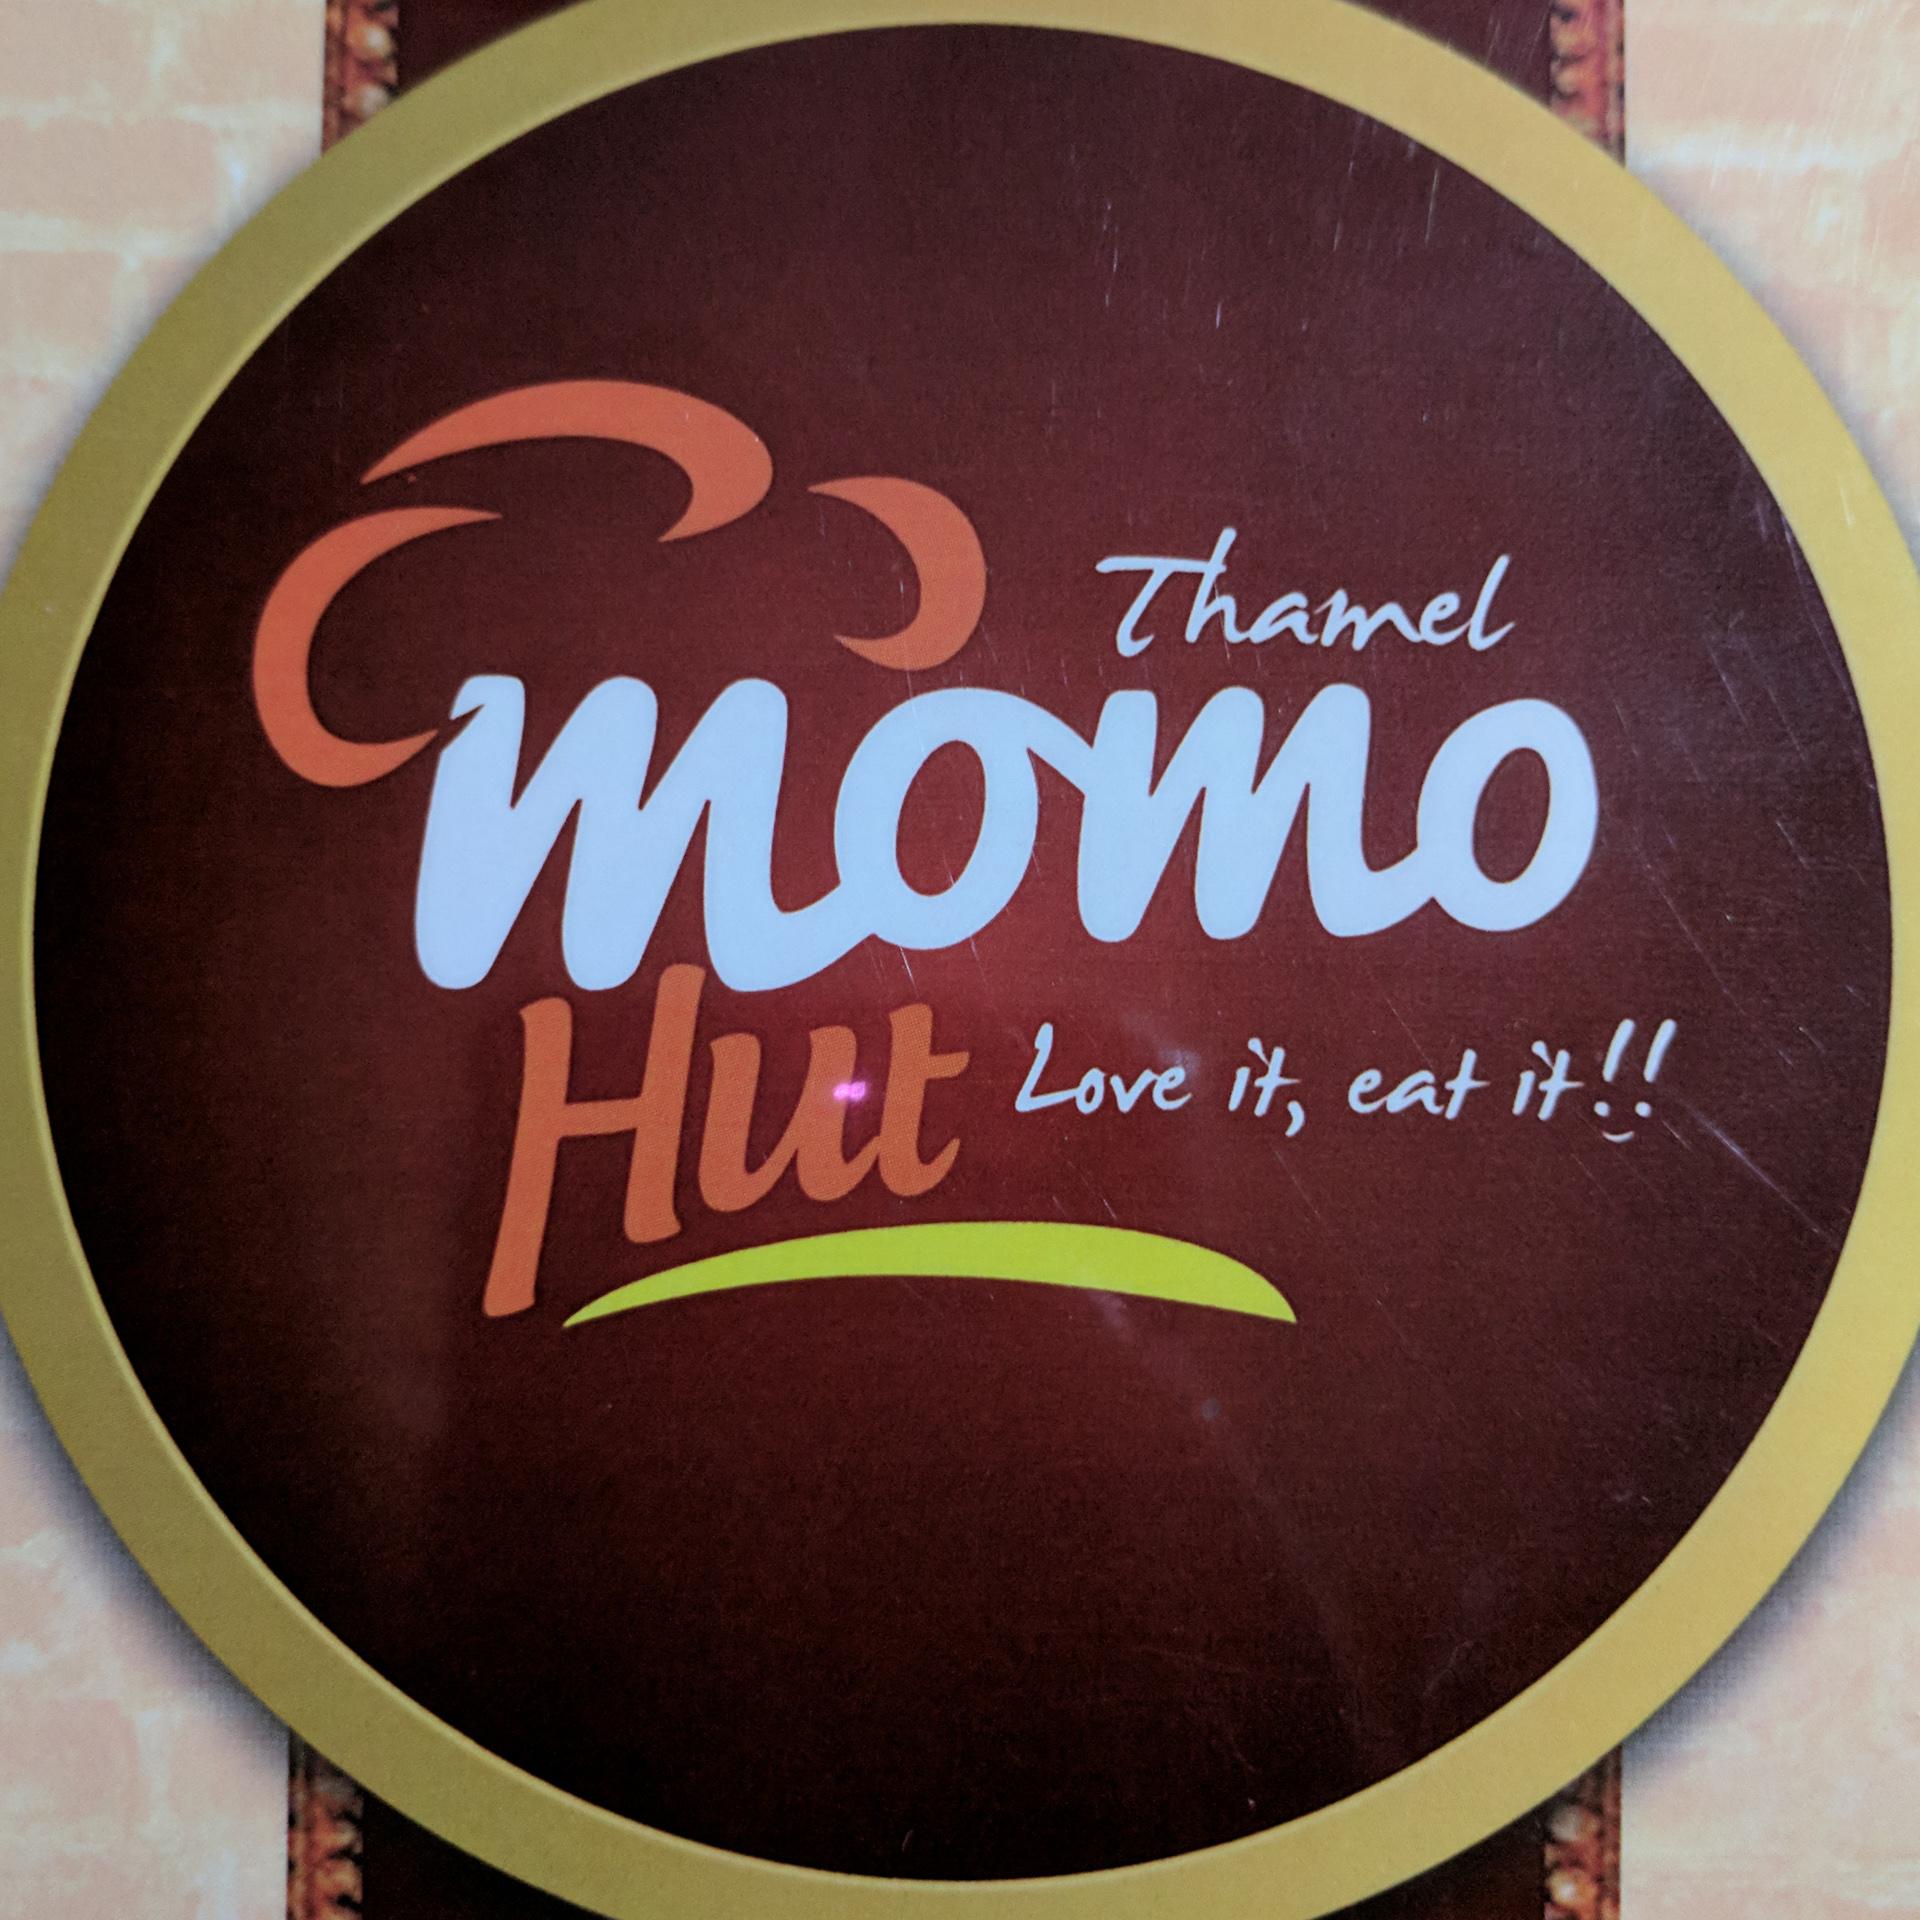 Momo Hut logo in Kathmandu, Nepal